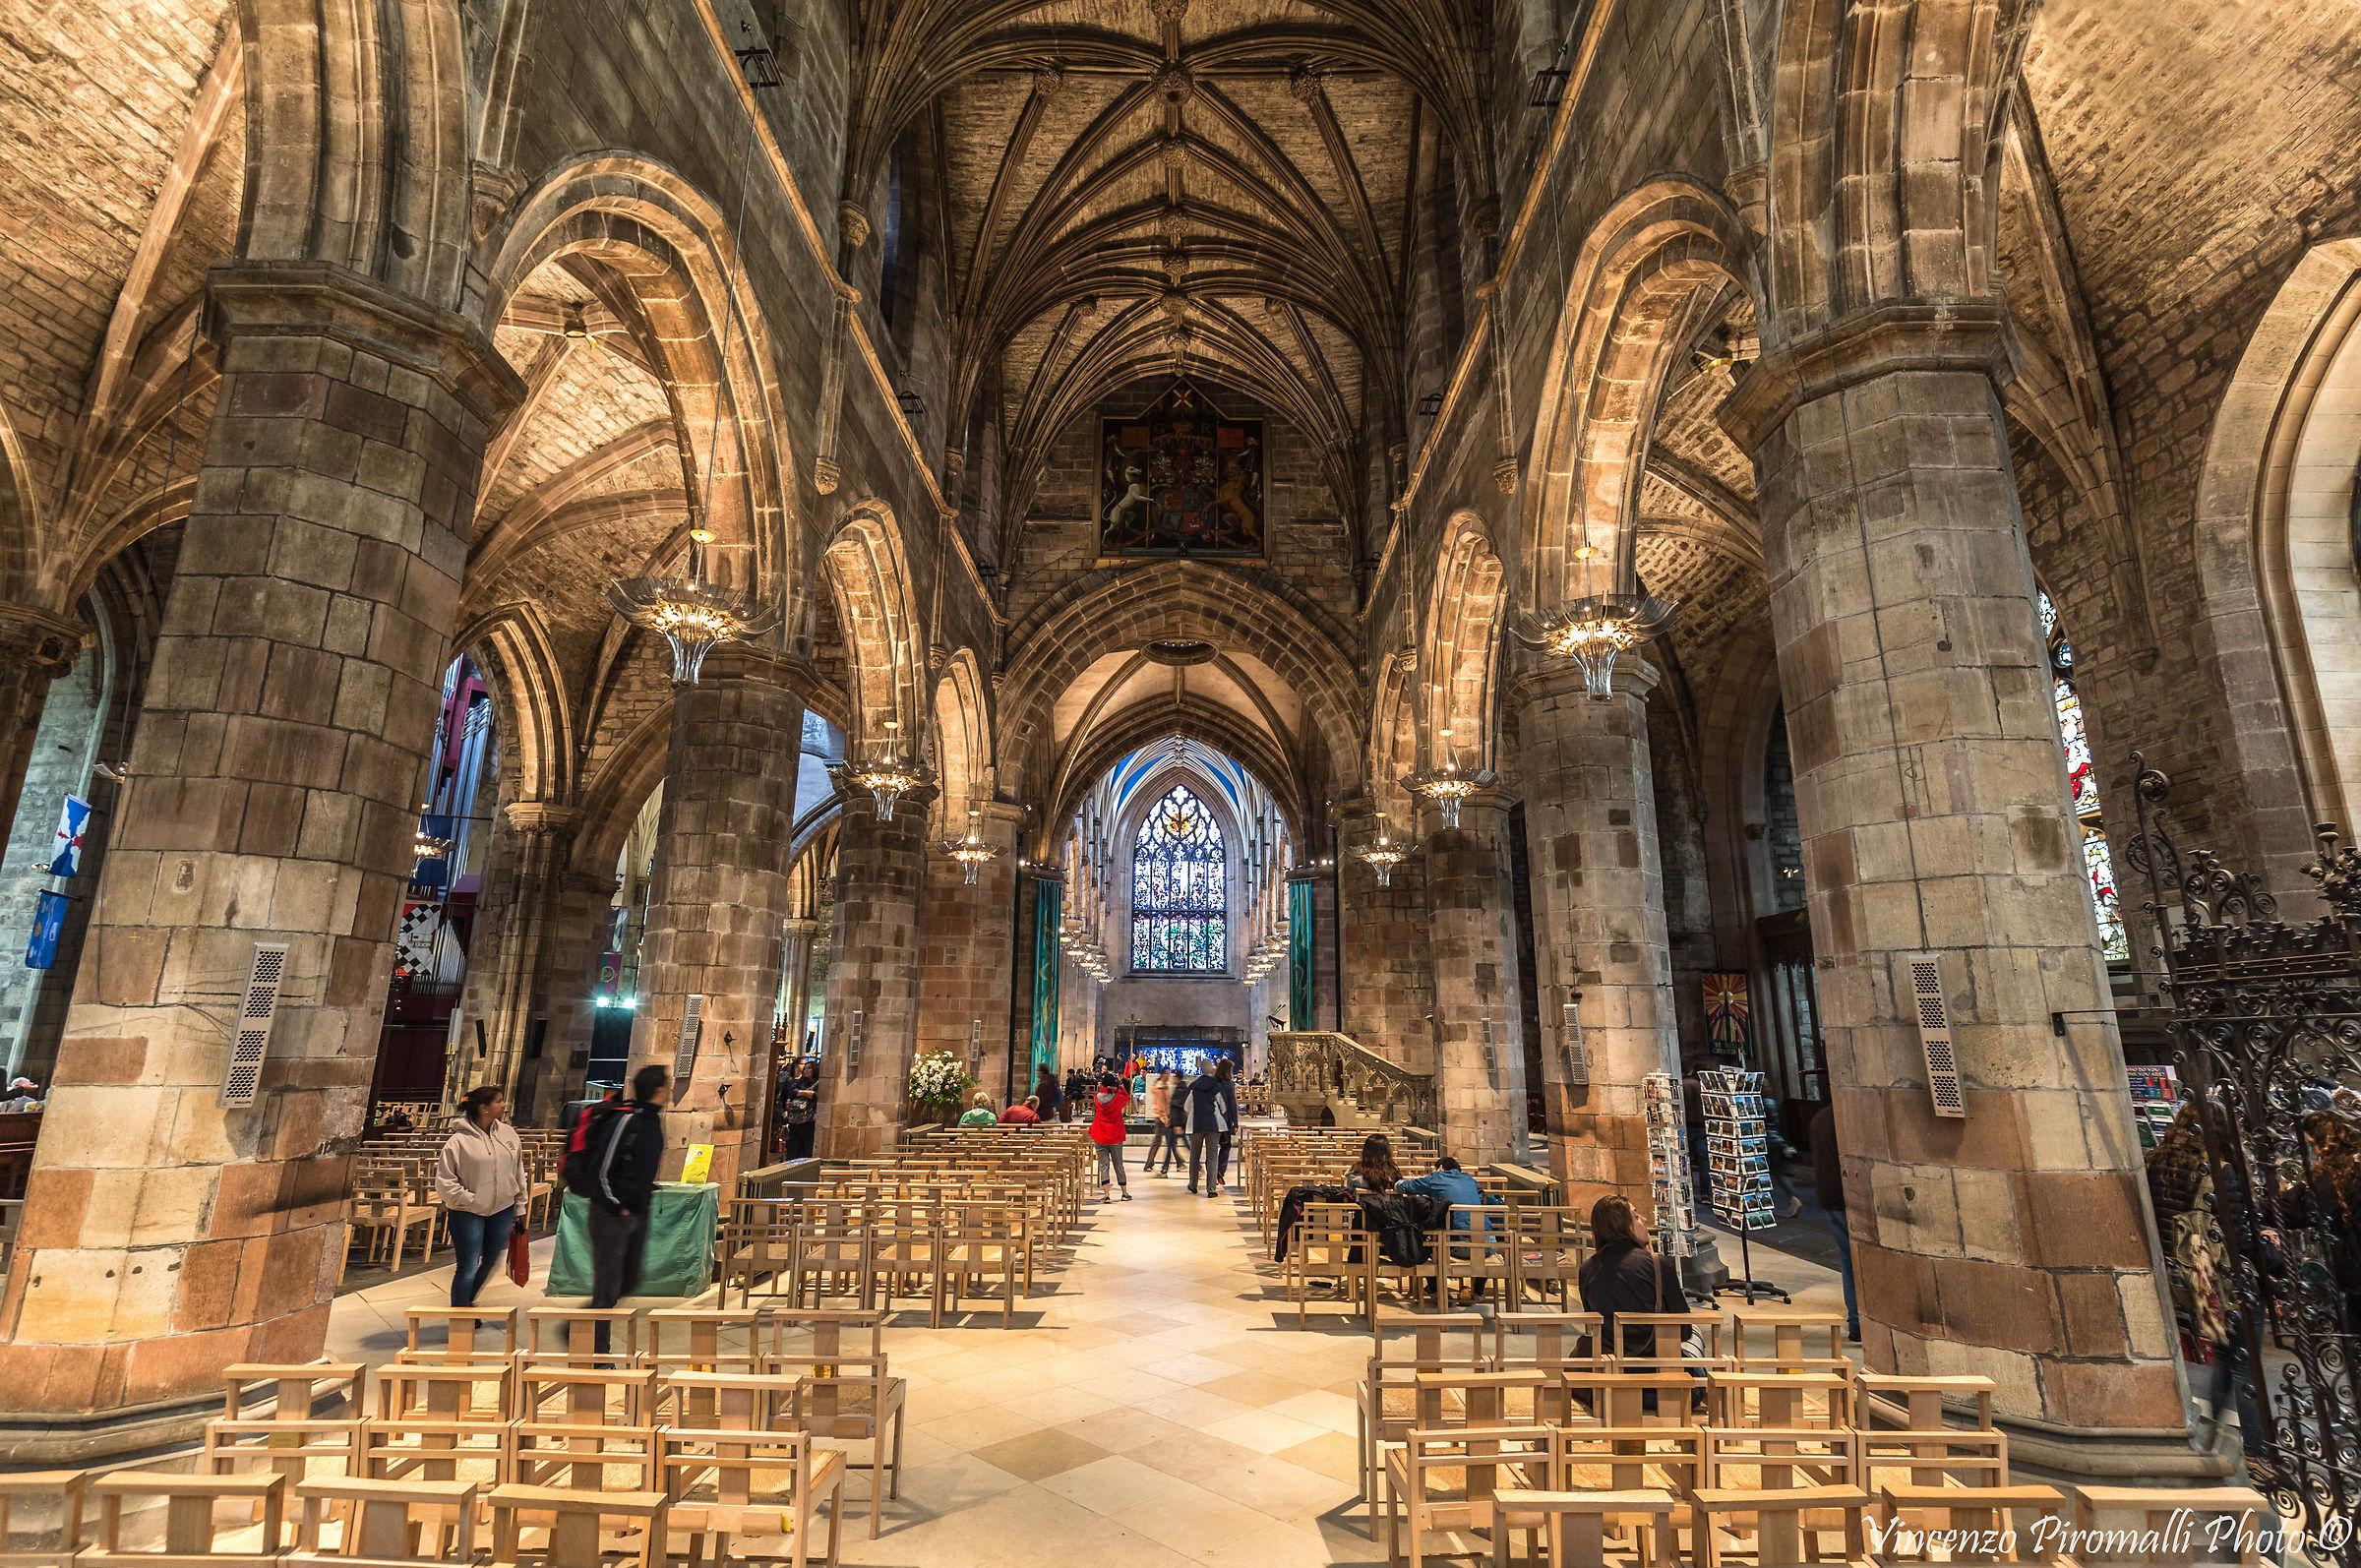 Inside St. Giles...